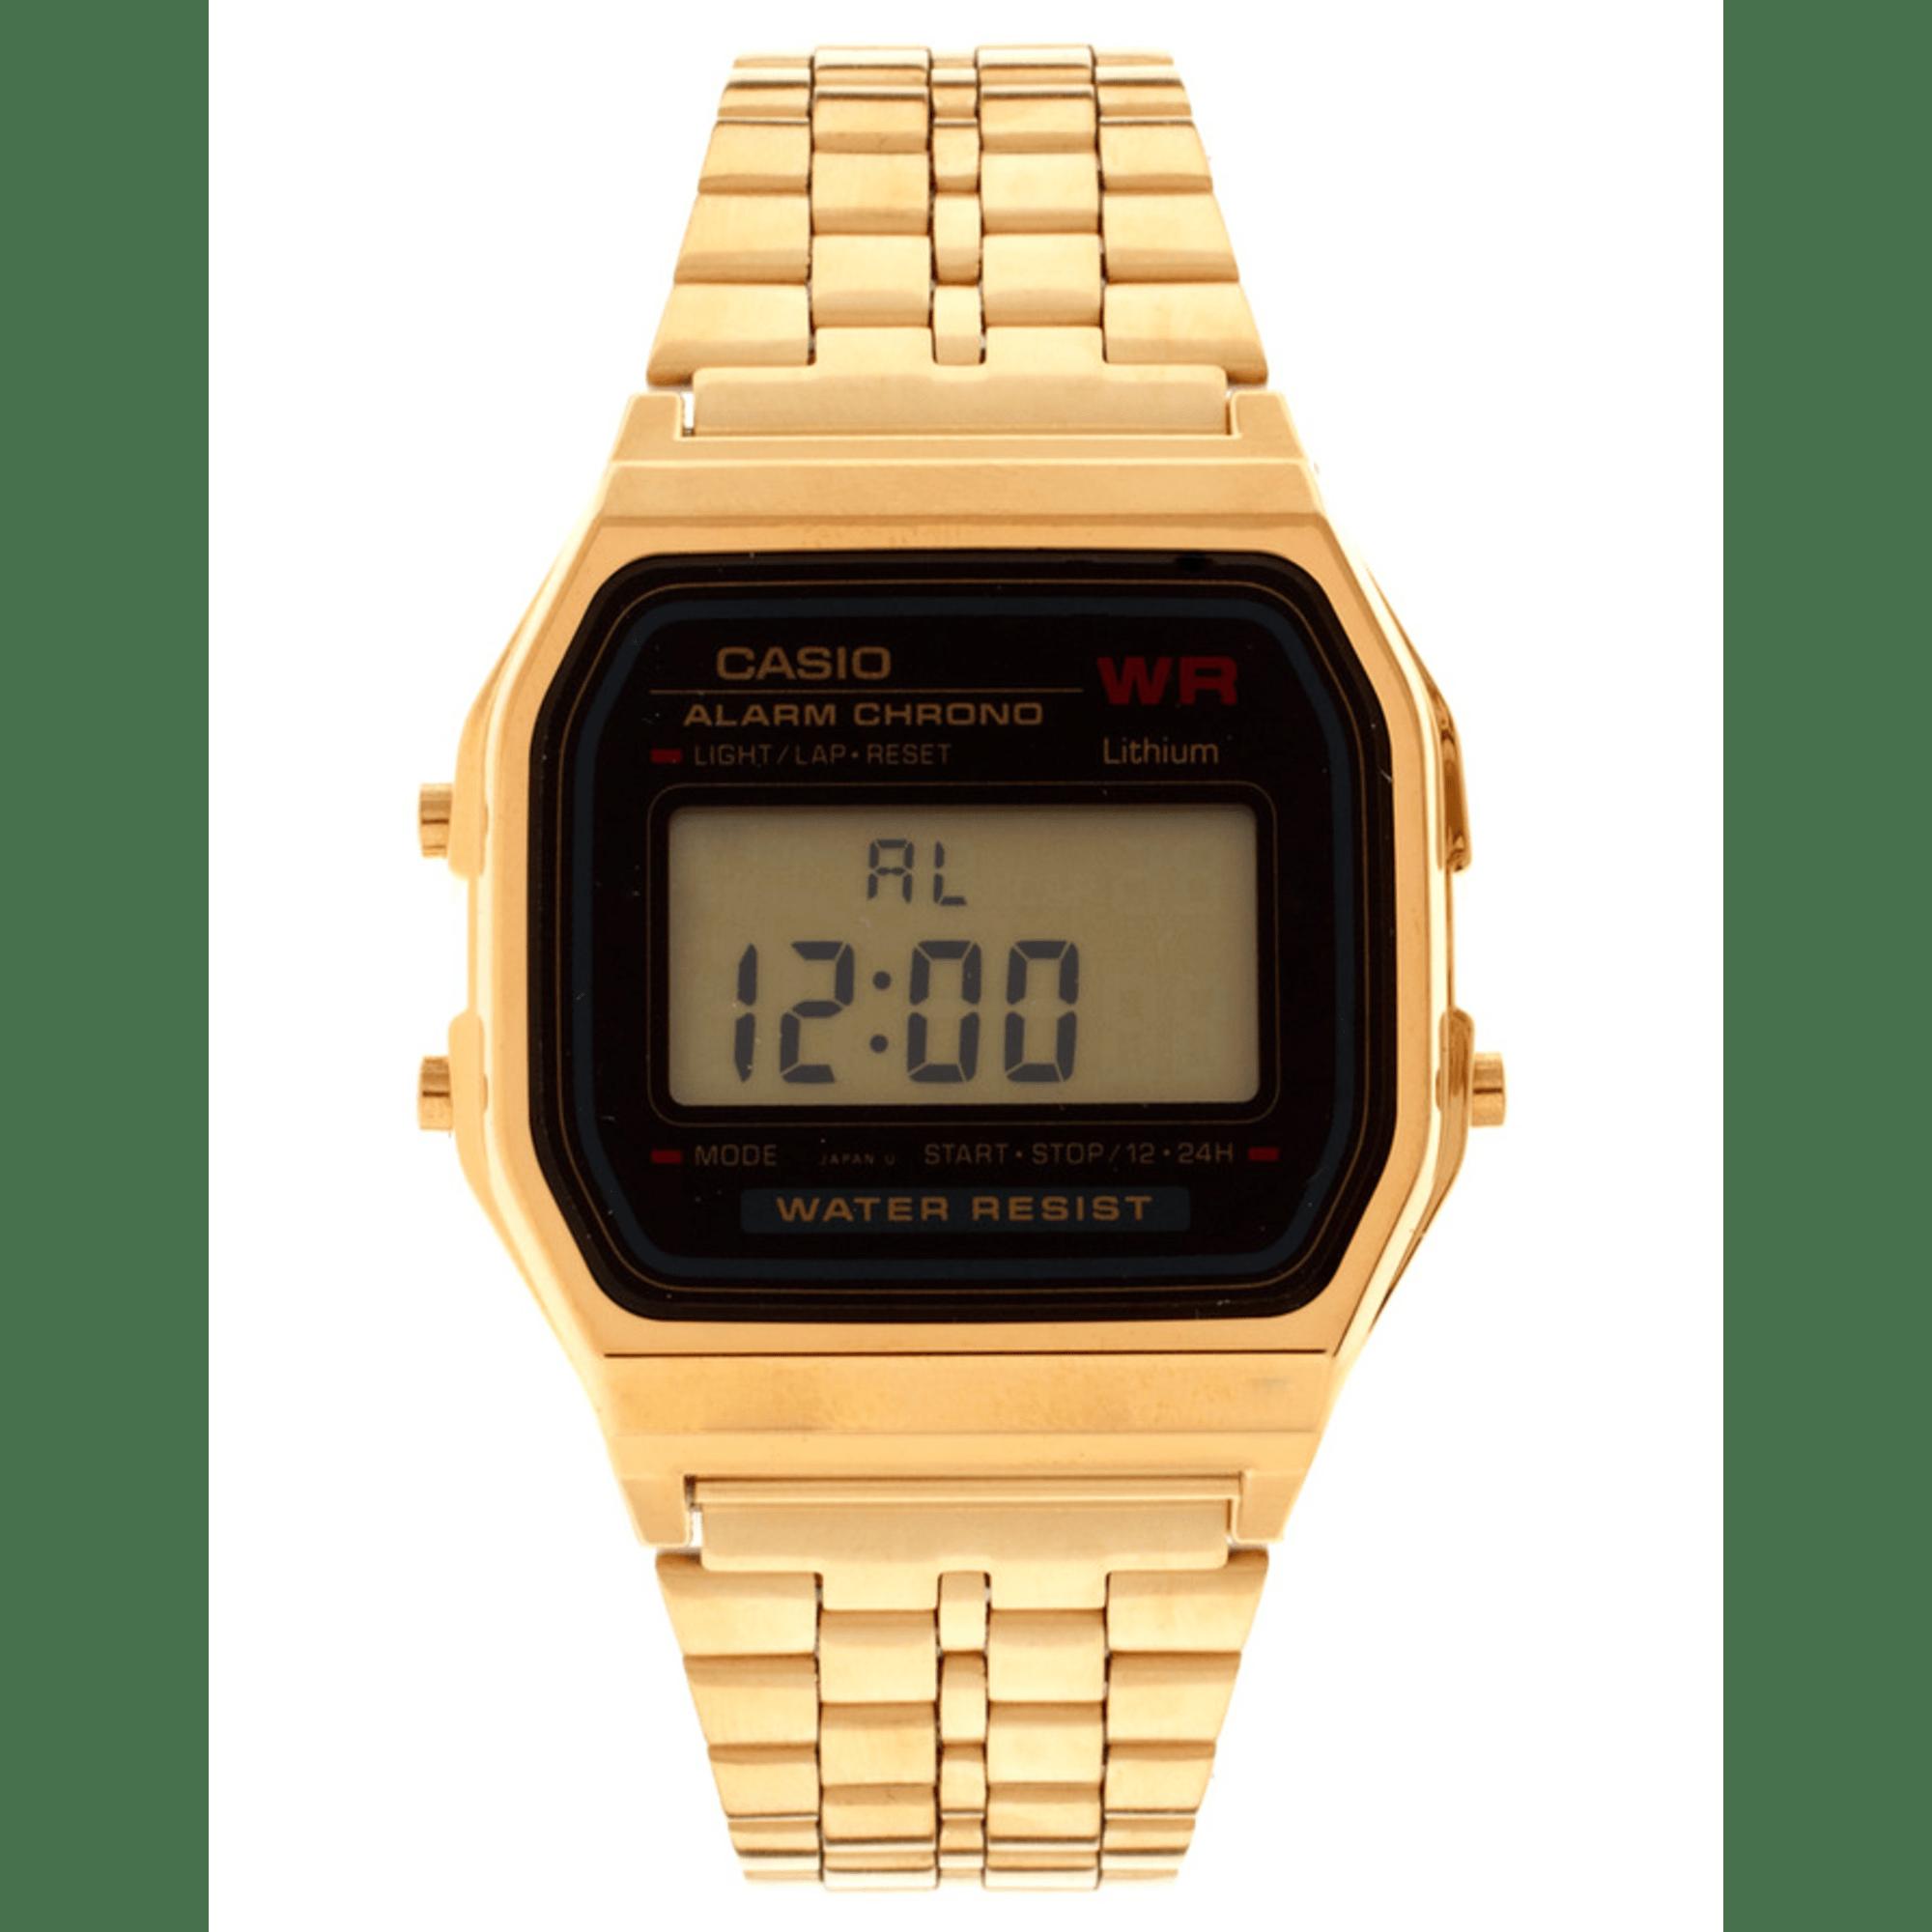 Montre au poignet CASIO doré vendu par Fils et frère 1983841 1wQU4